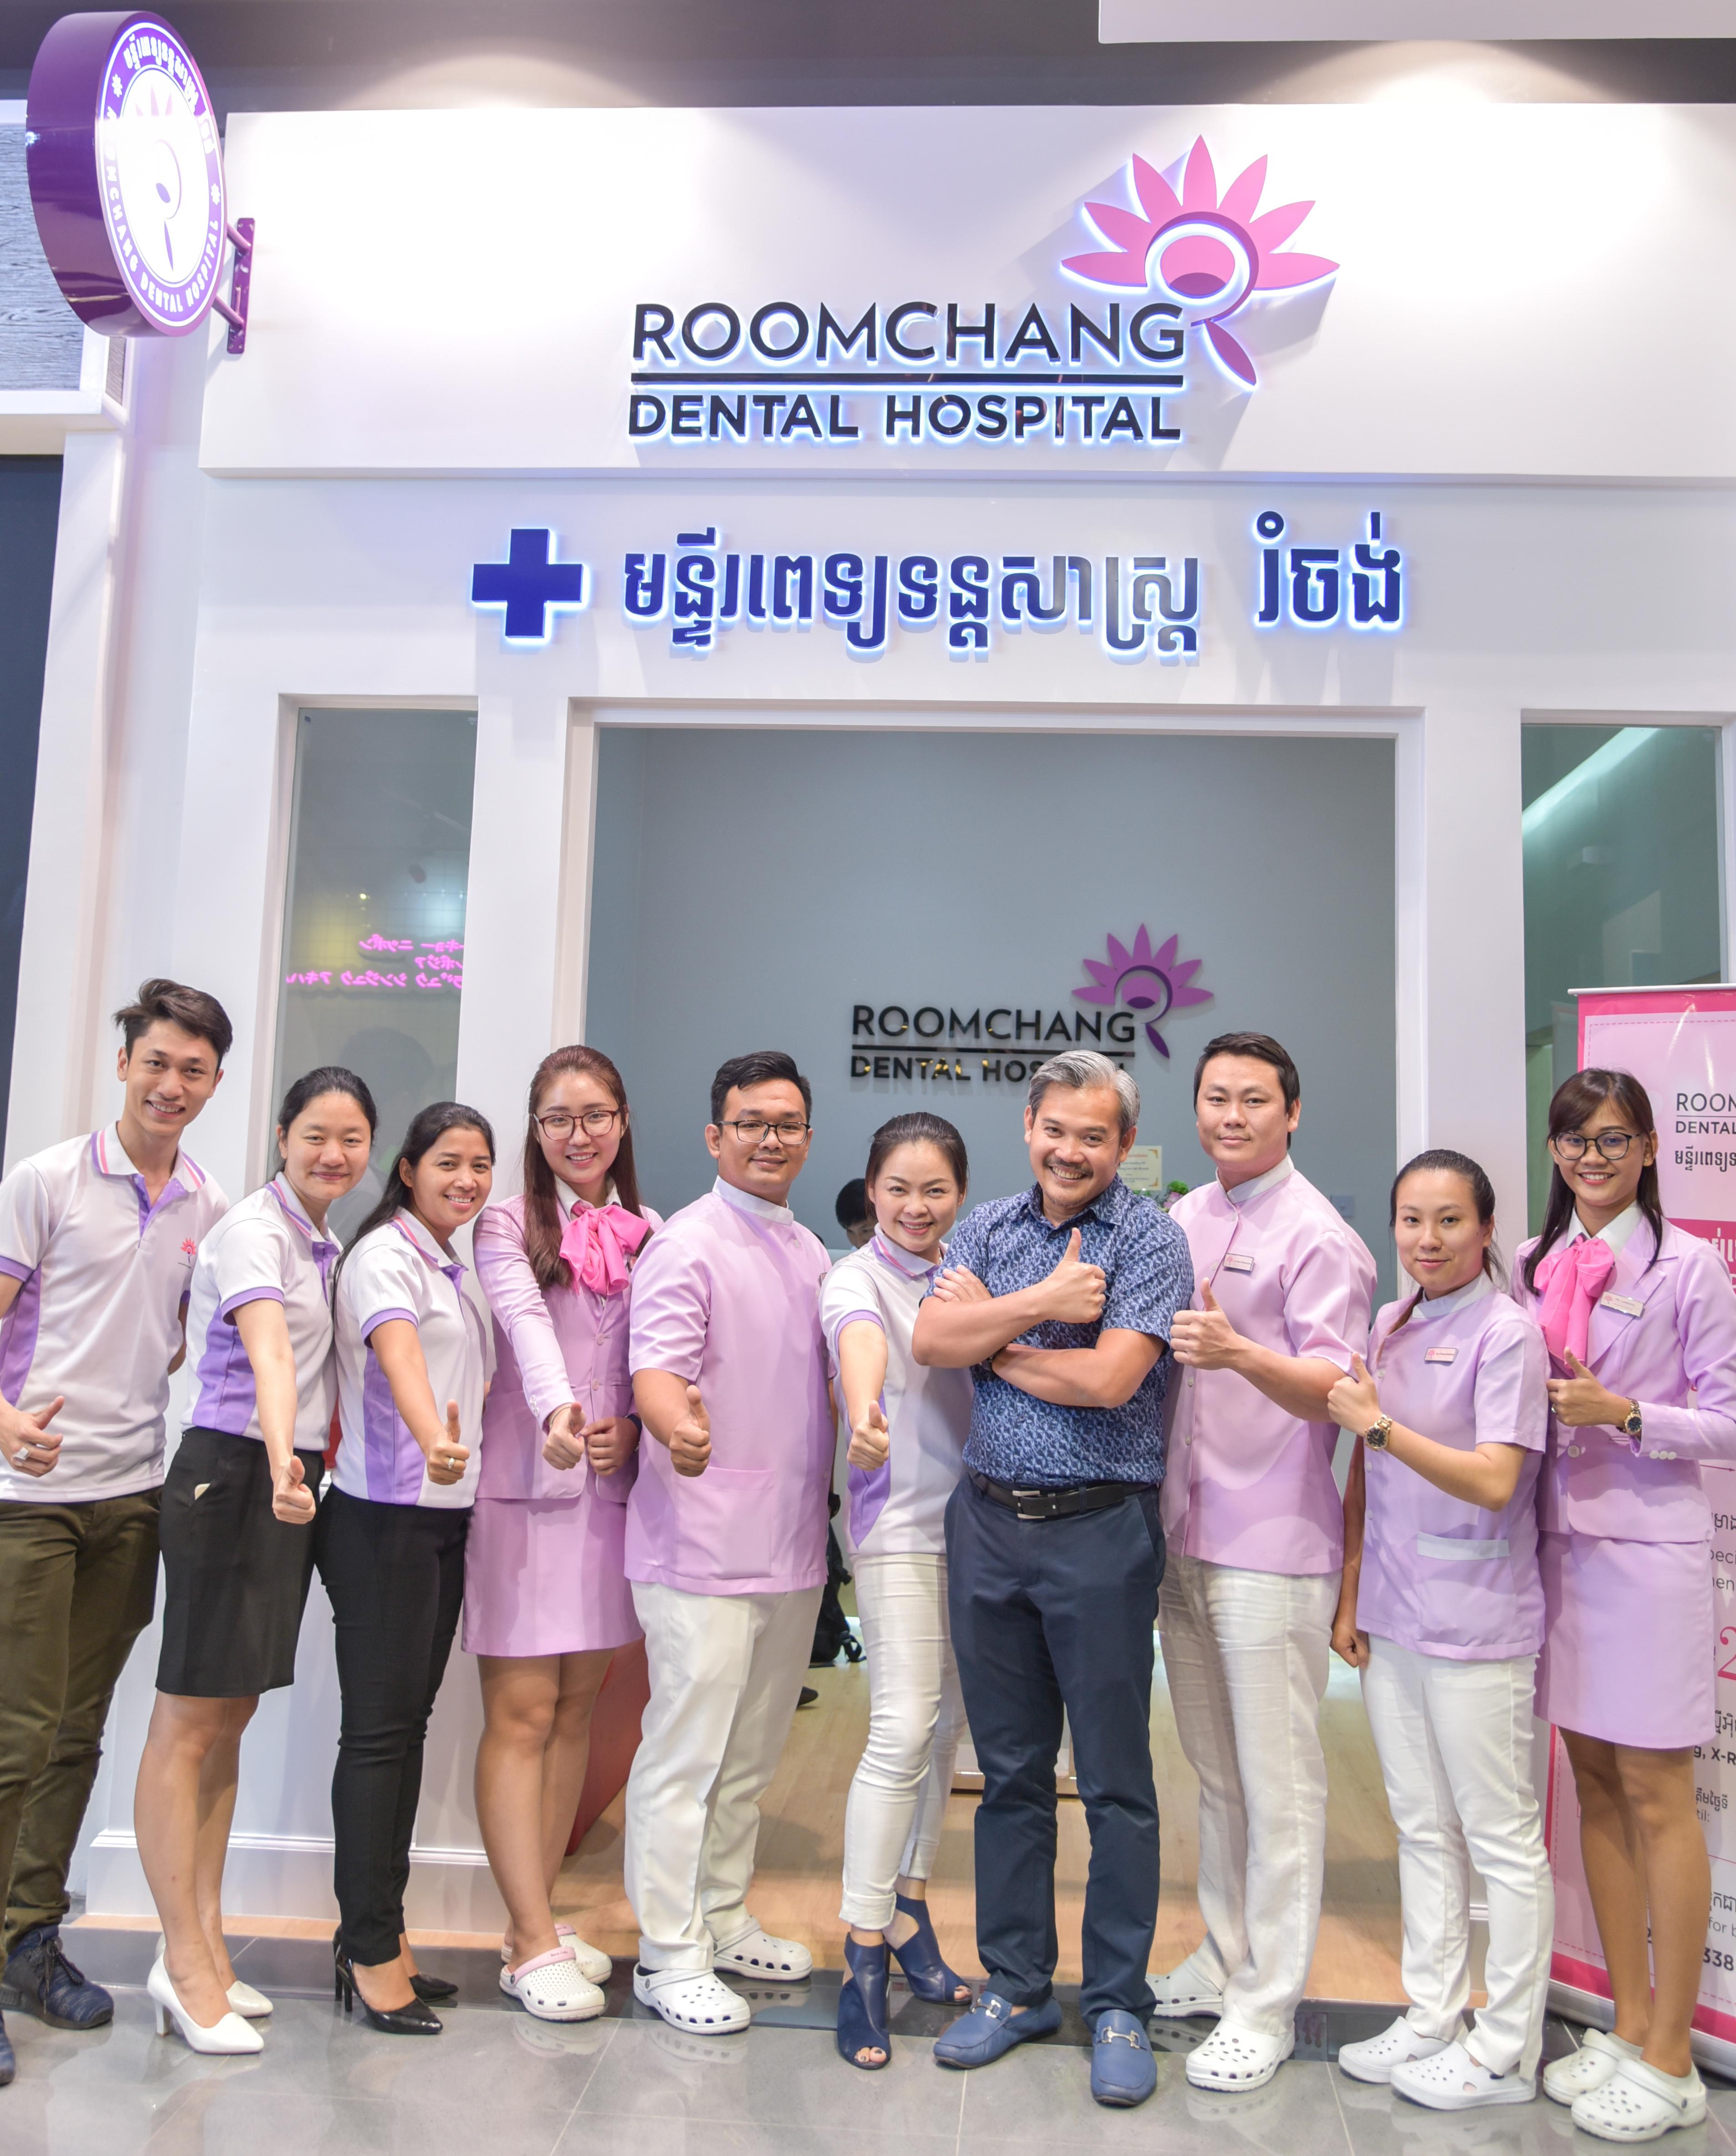 11. Roomchang staff @ aeon mall 2